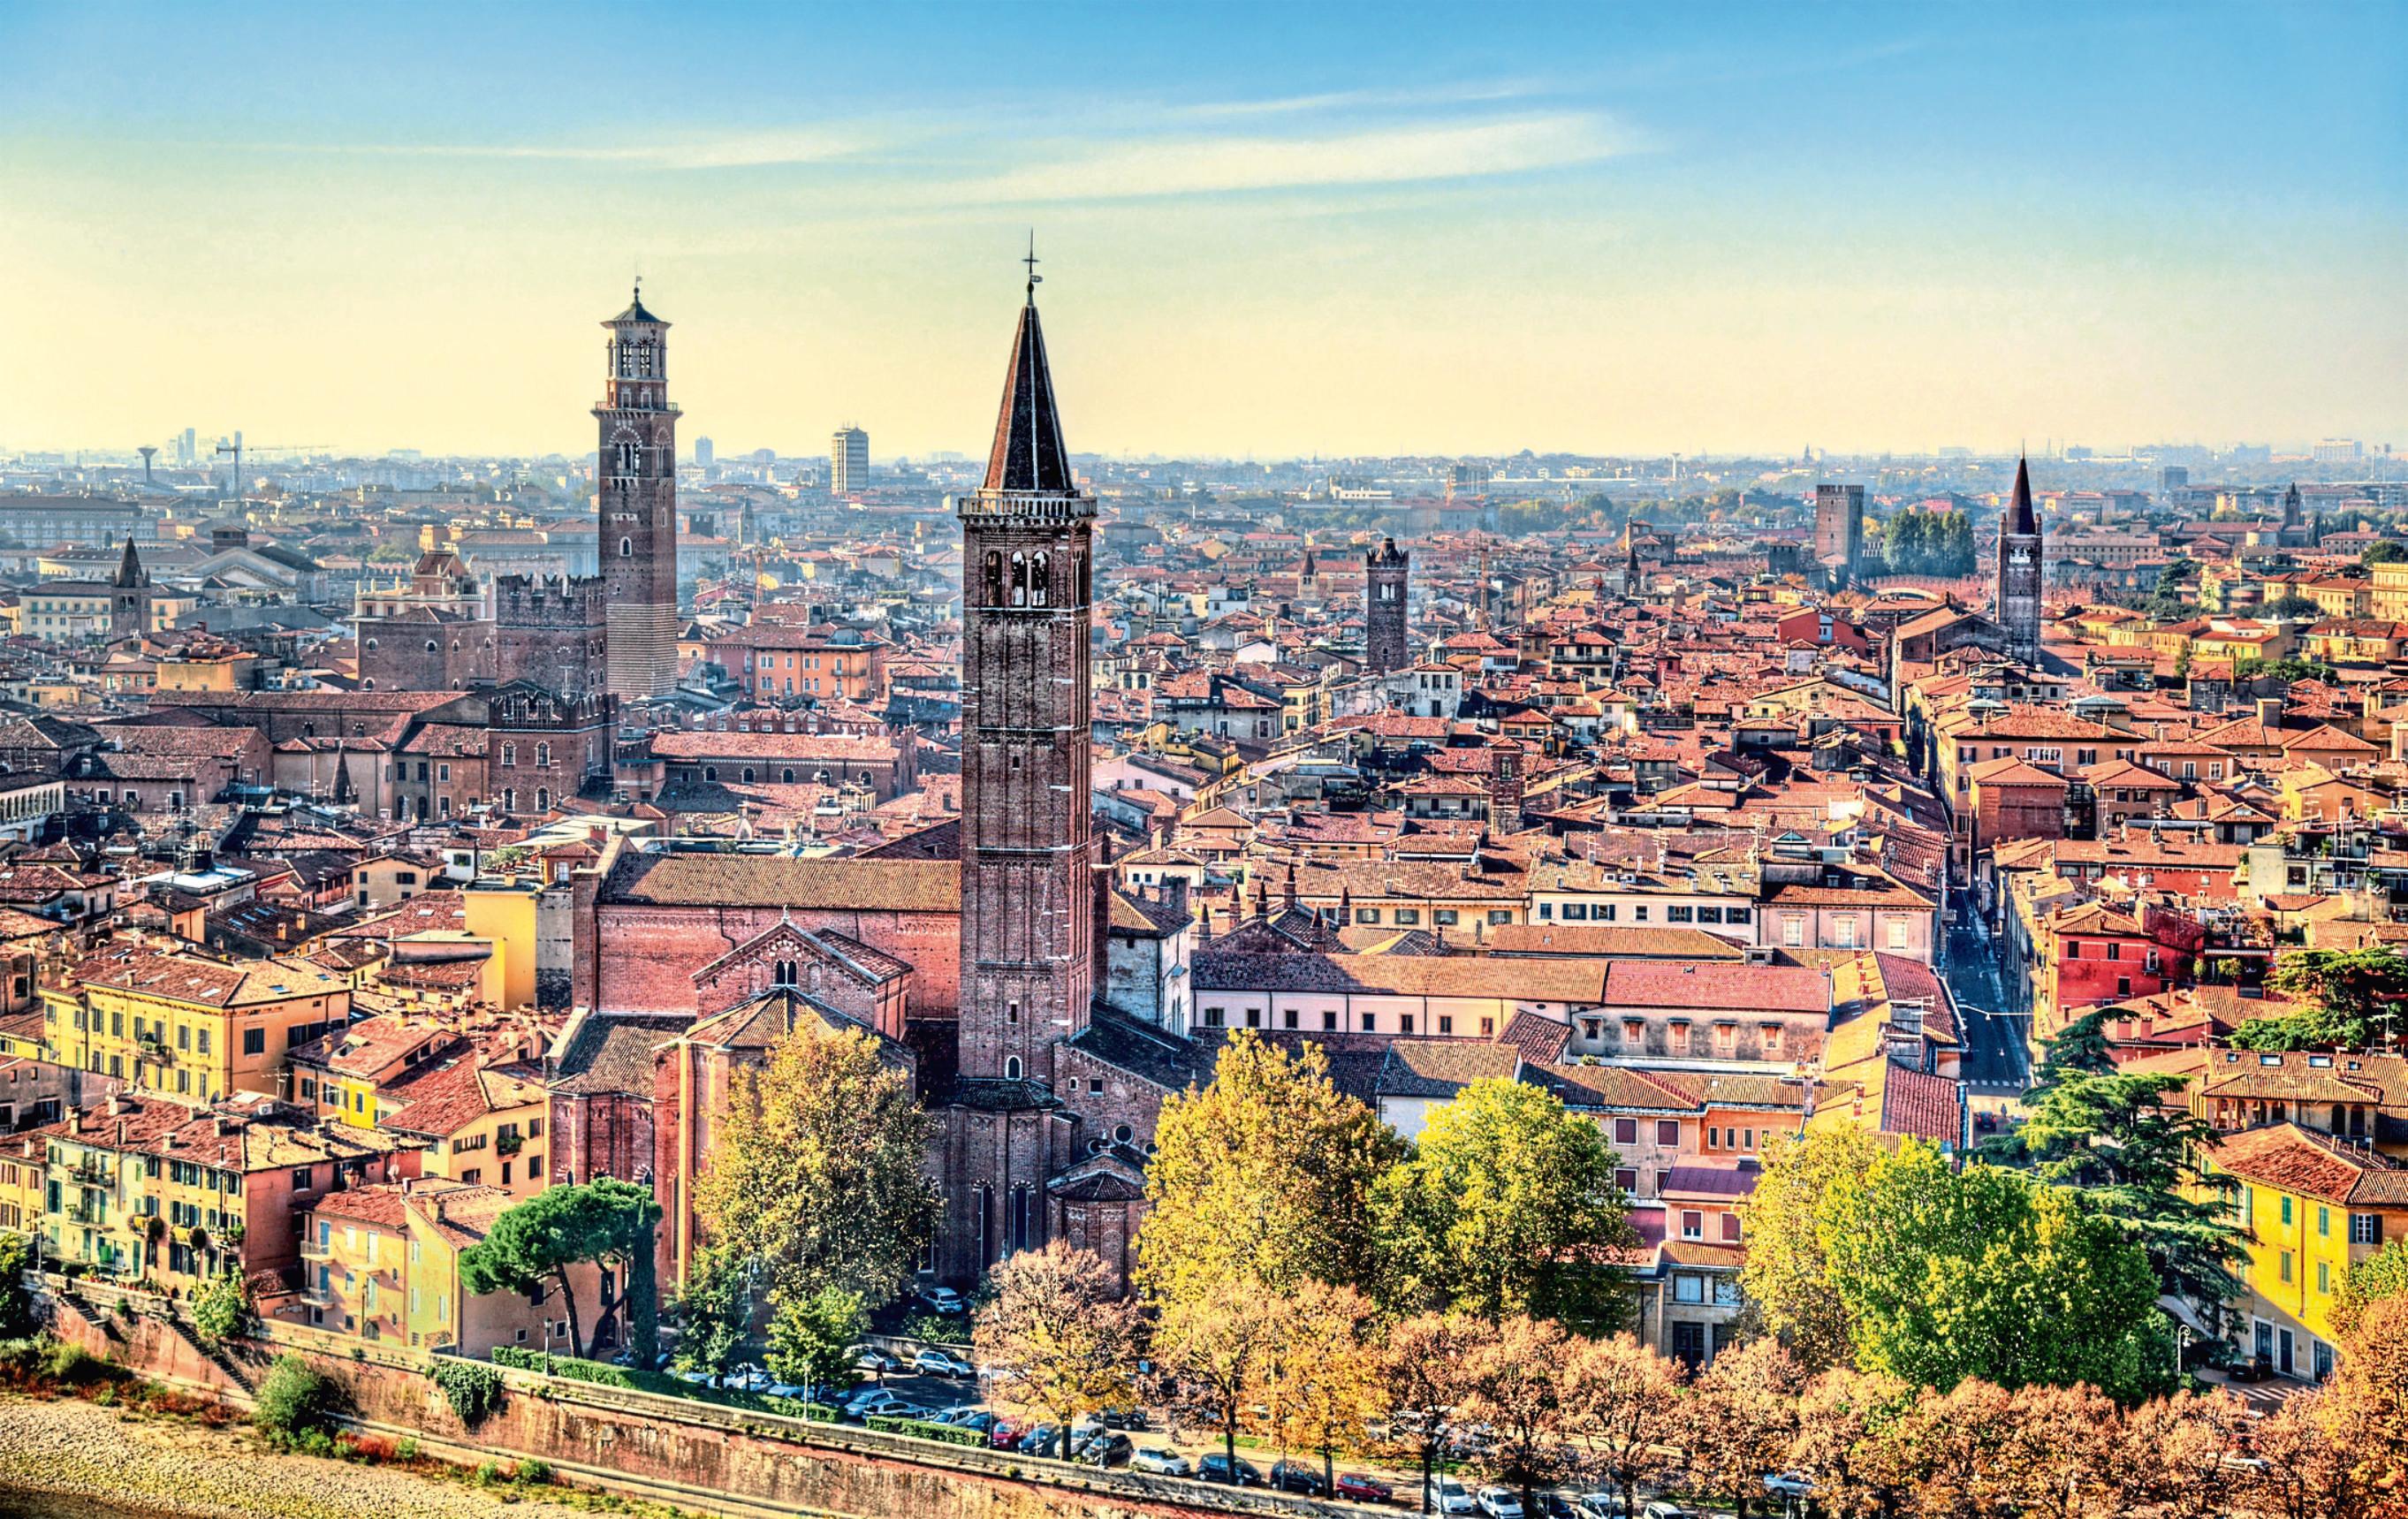 The historic centre of Verona